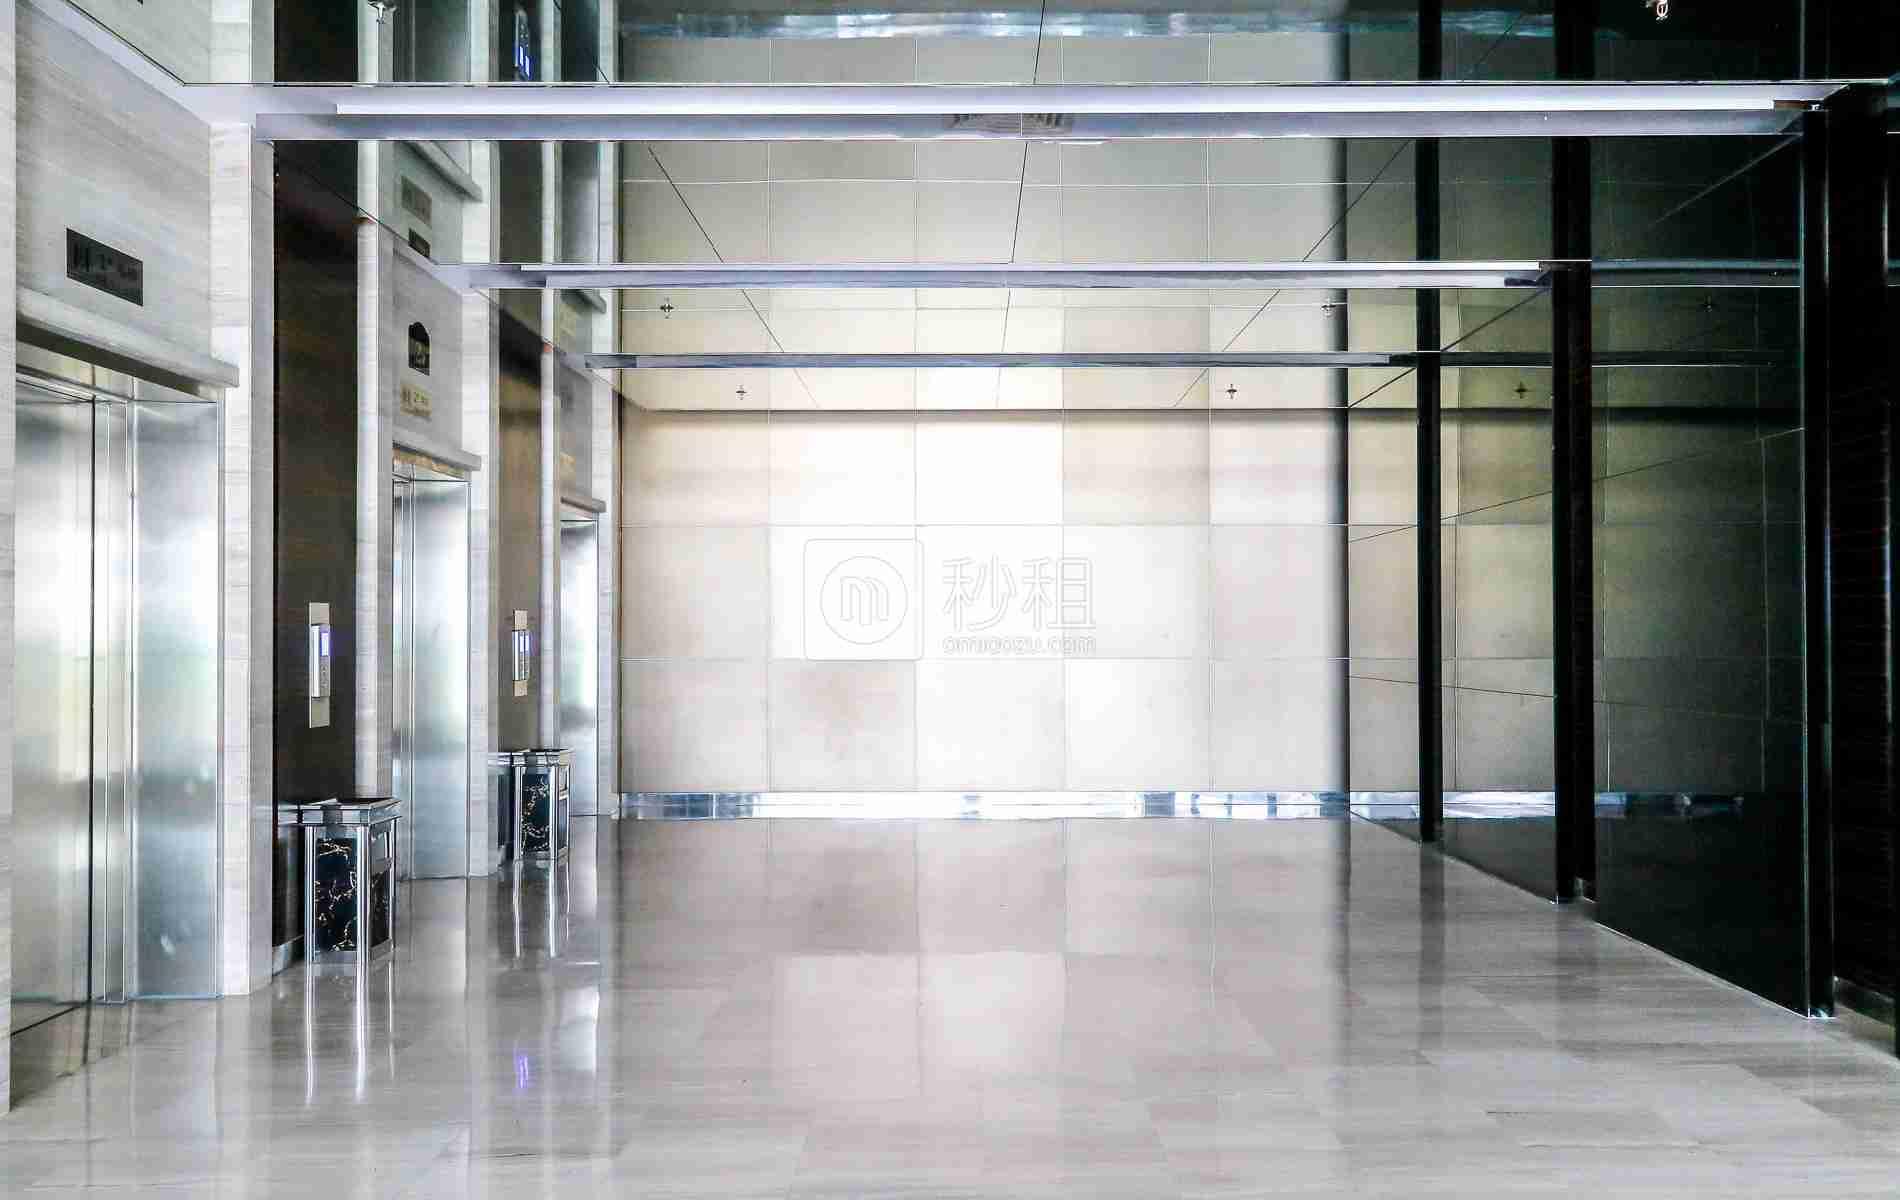 德维森大厦写字楼出租/招租/租赁,德维森大厦办公室出租/招租/租赁